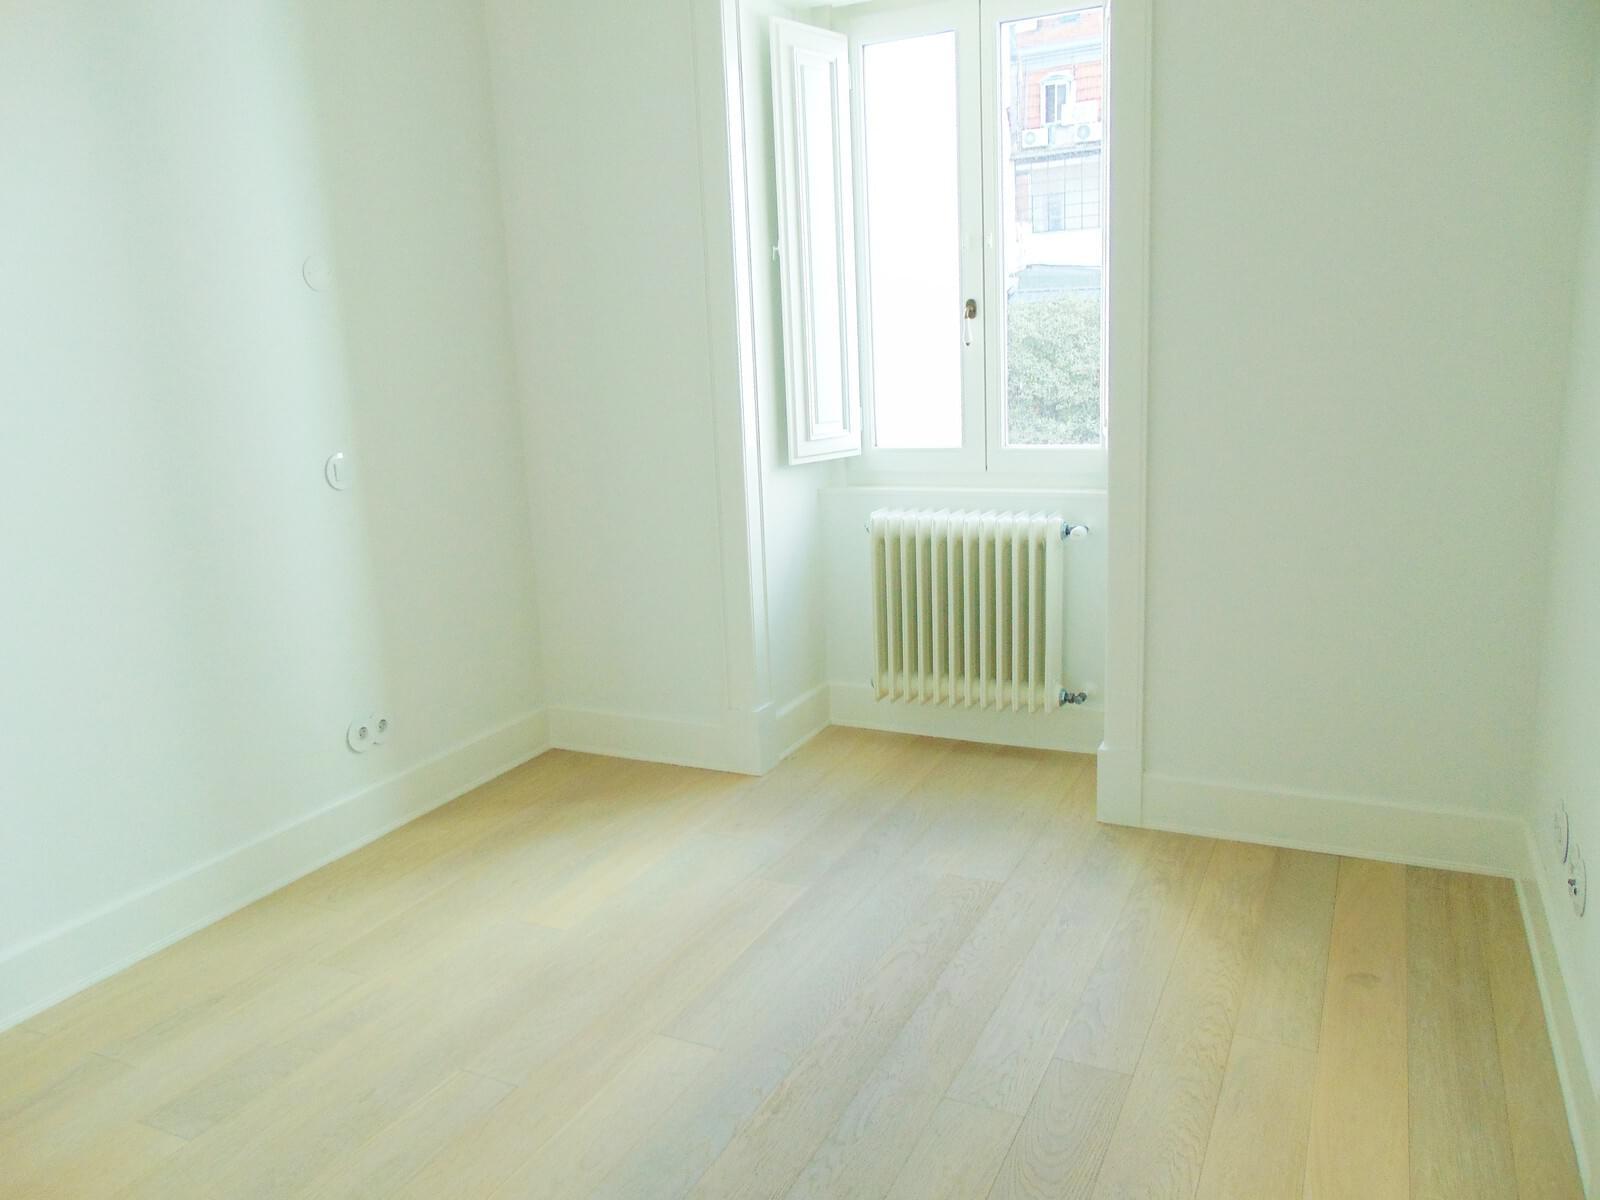 pf18152-apartamento-t2-lisboa-2892859a-3a90-4814-974d-b49f28d14001